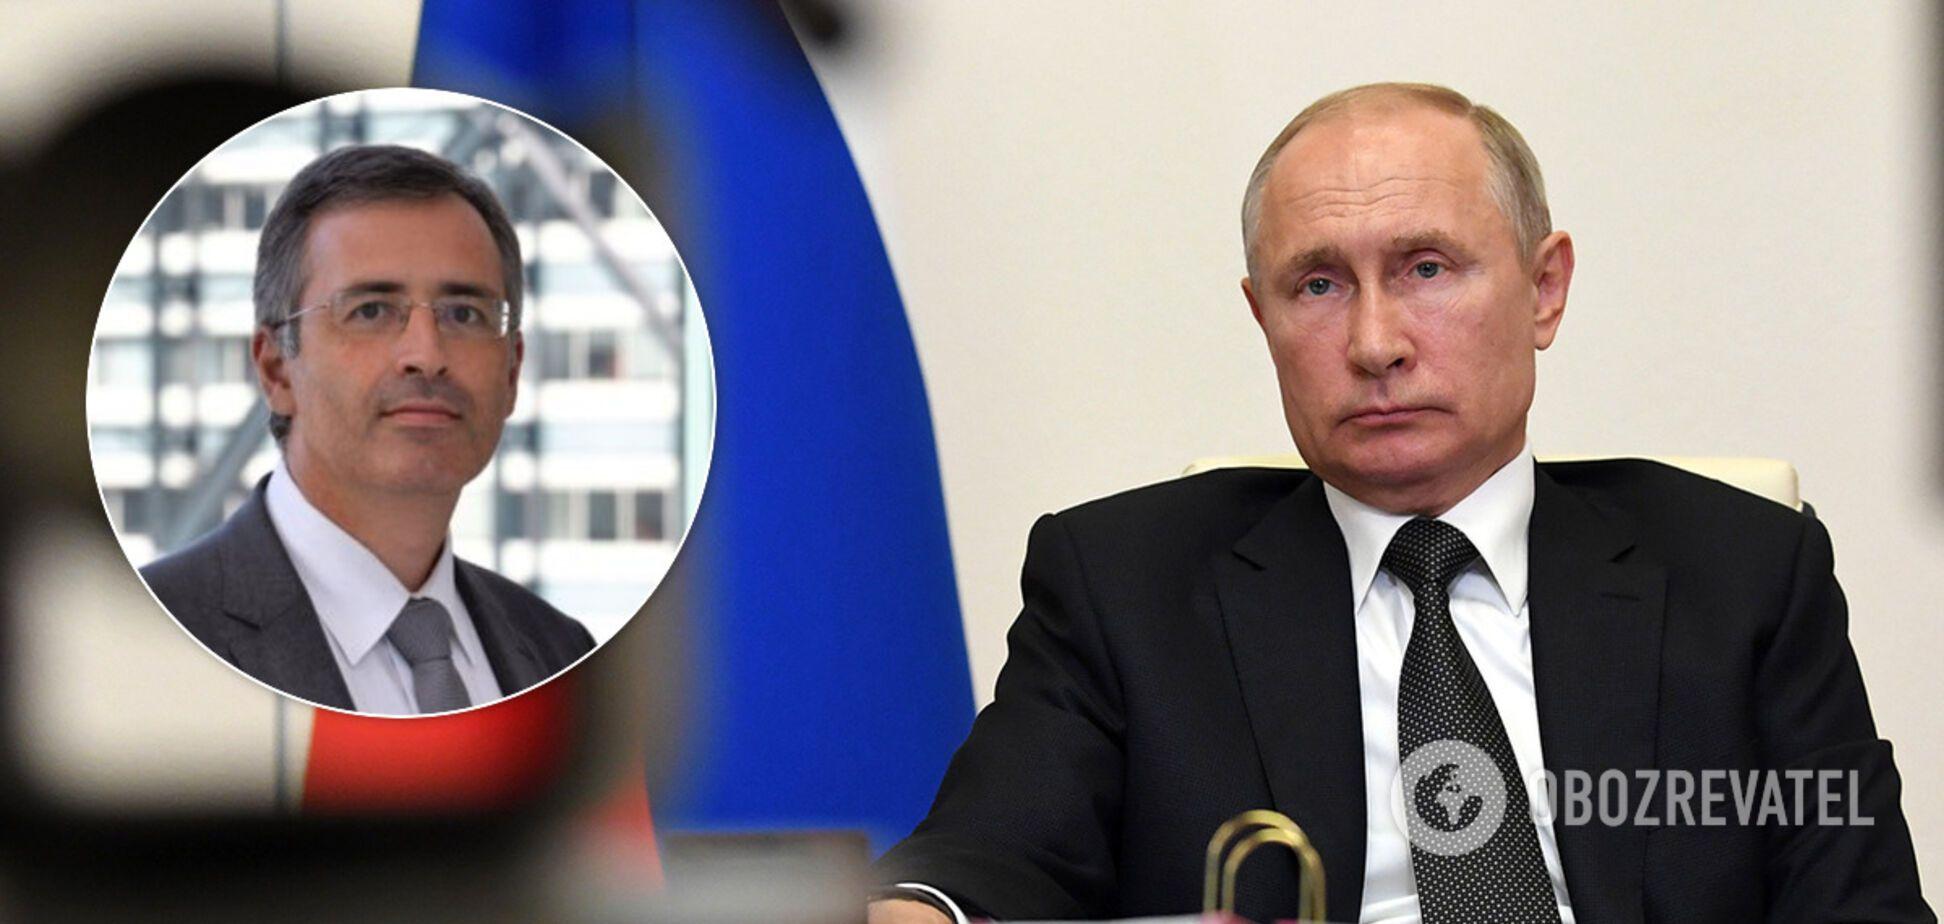 Сергій Гурієв розповів про злочини Володимира Путіна